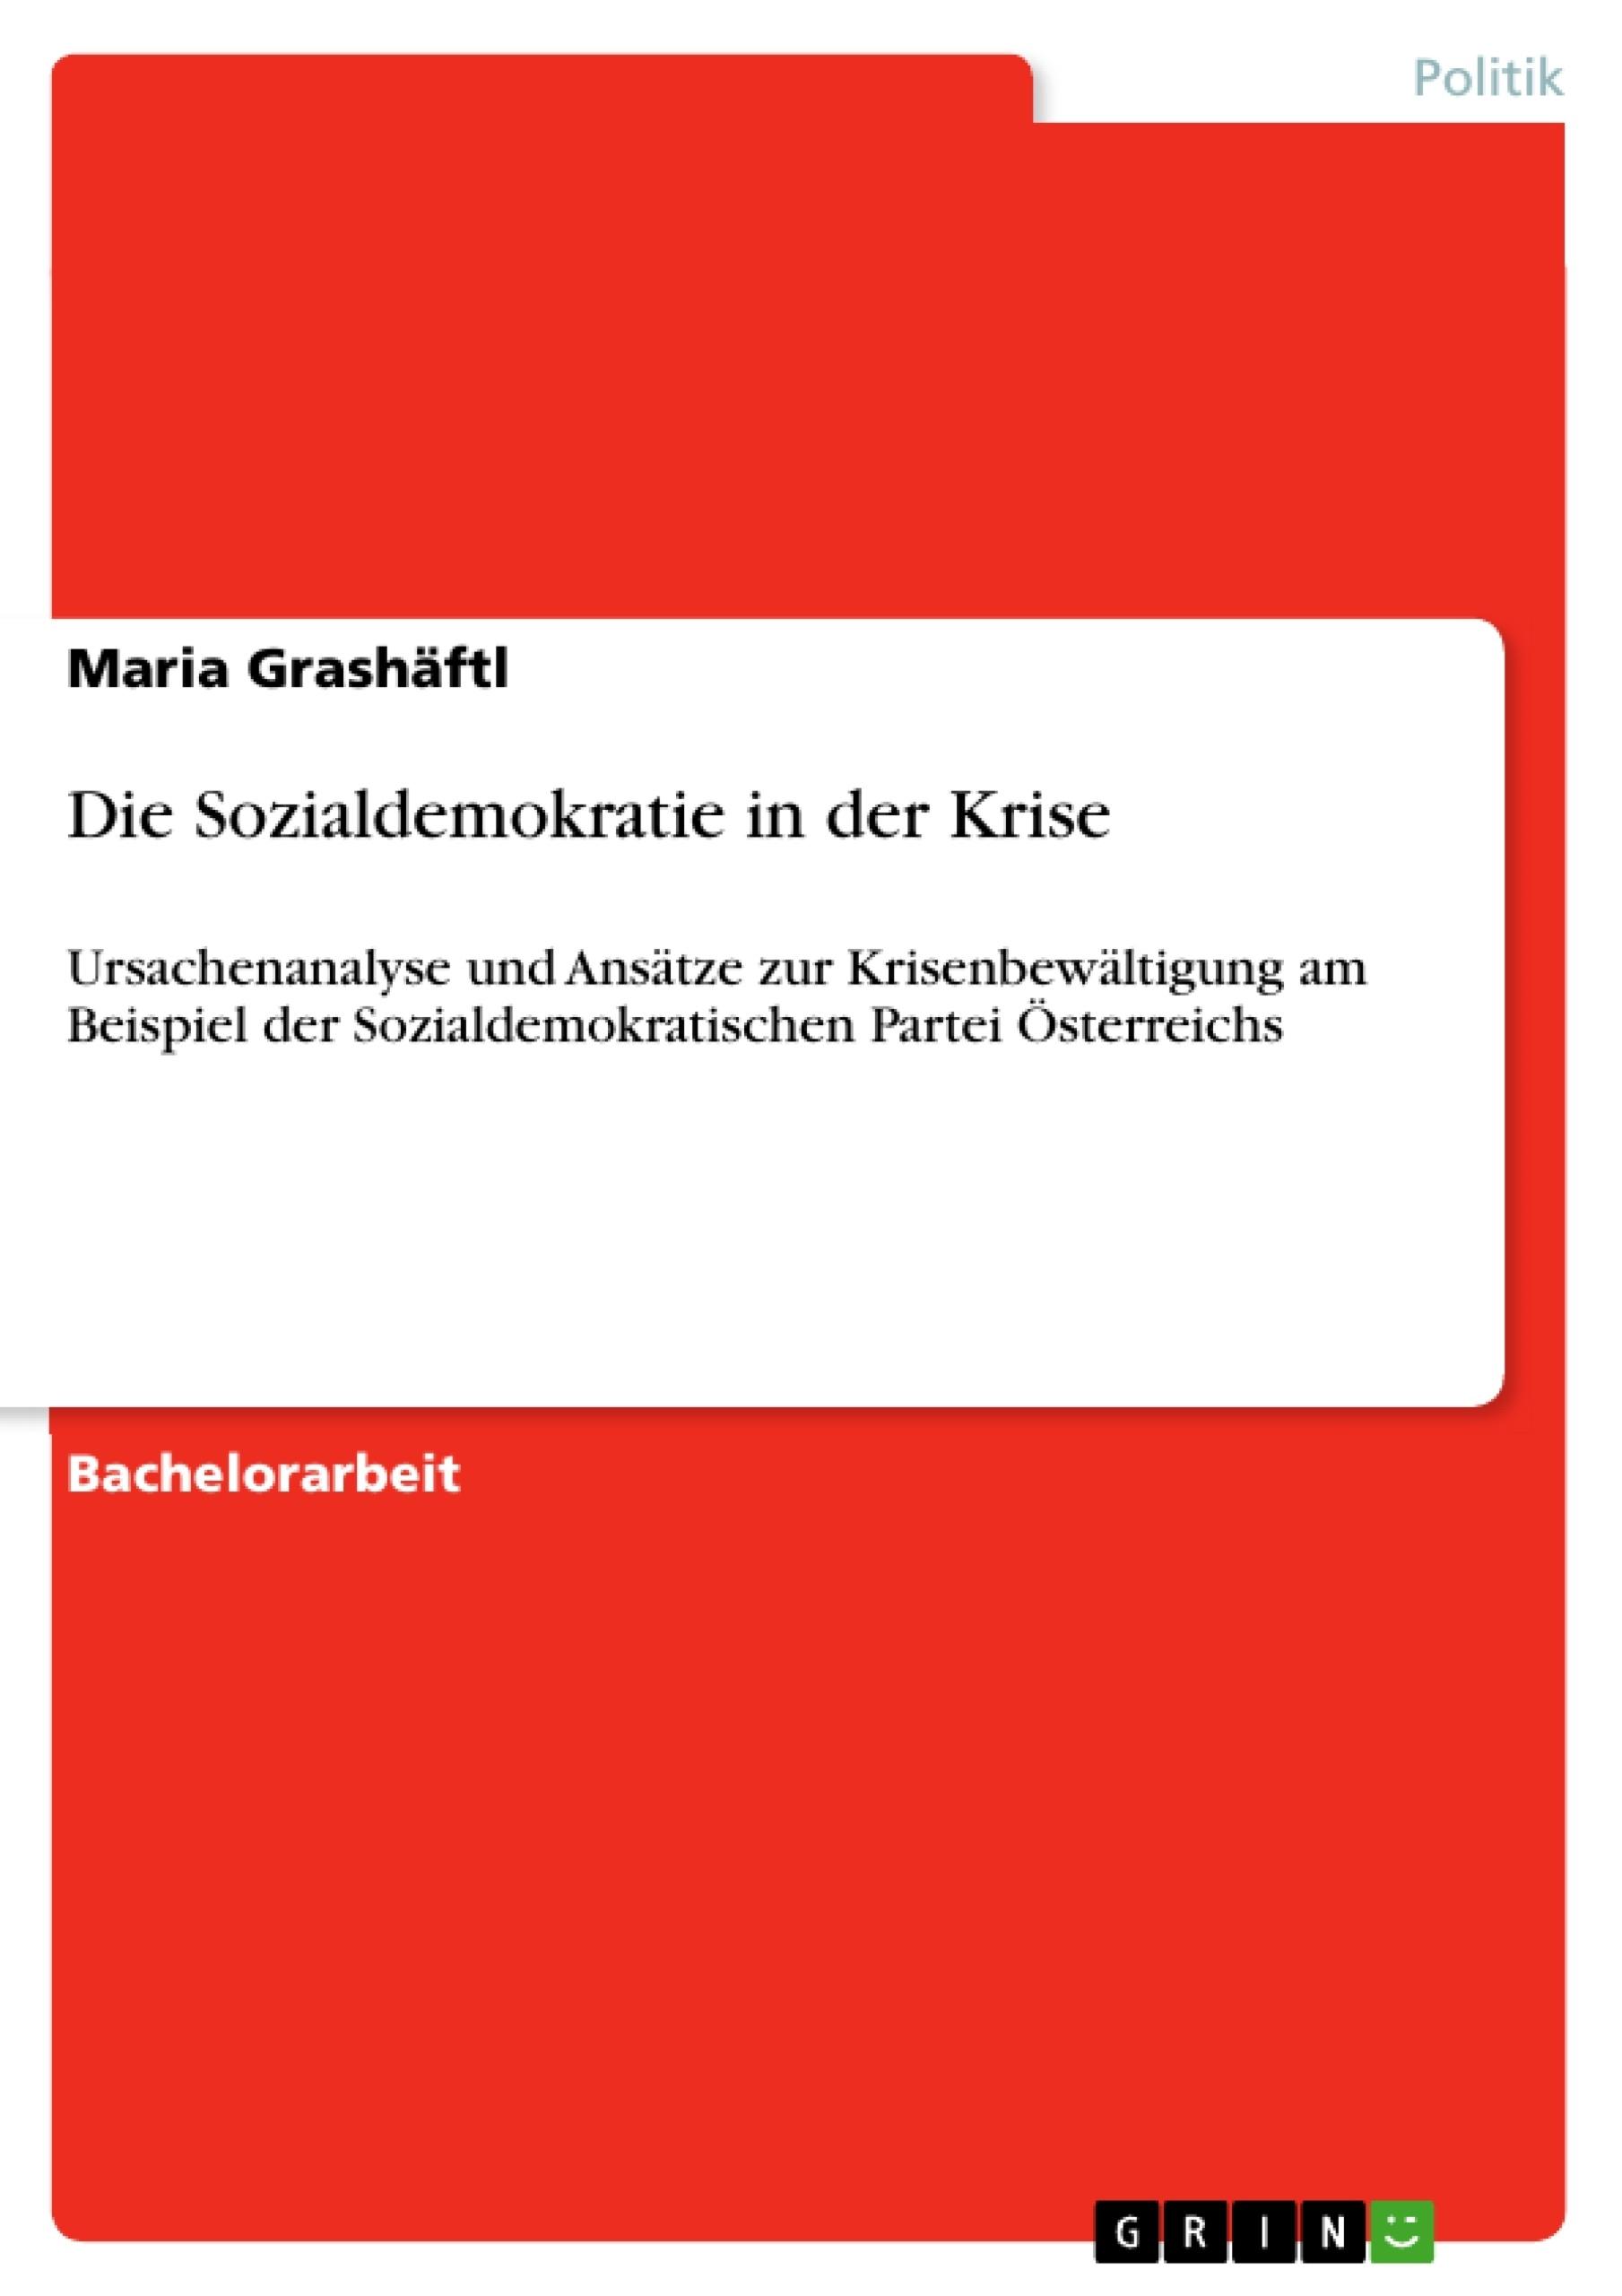 Titel: Die Sozialdemokratie in der Krise